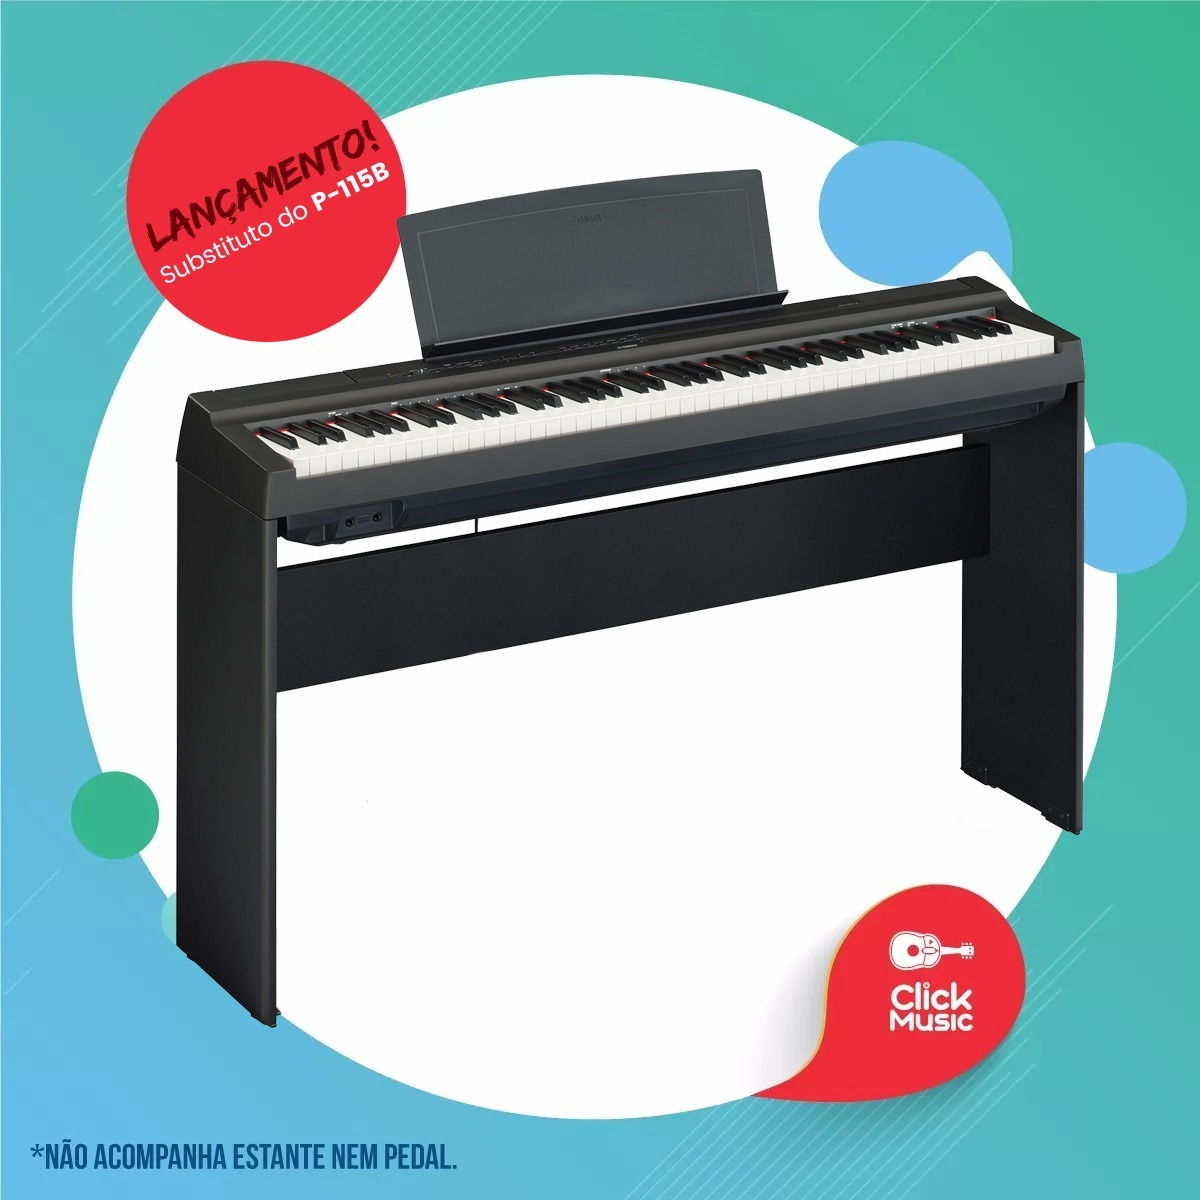 piano digital yamaha p125 b o sucessor do p115 r em mercado livre. Black Bedroom Furniture Sets. Home Design Ideas